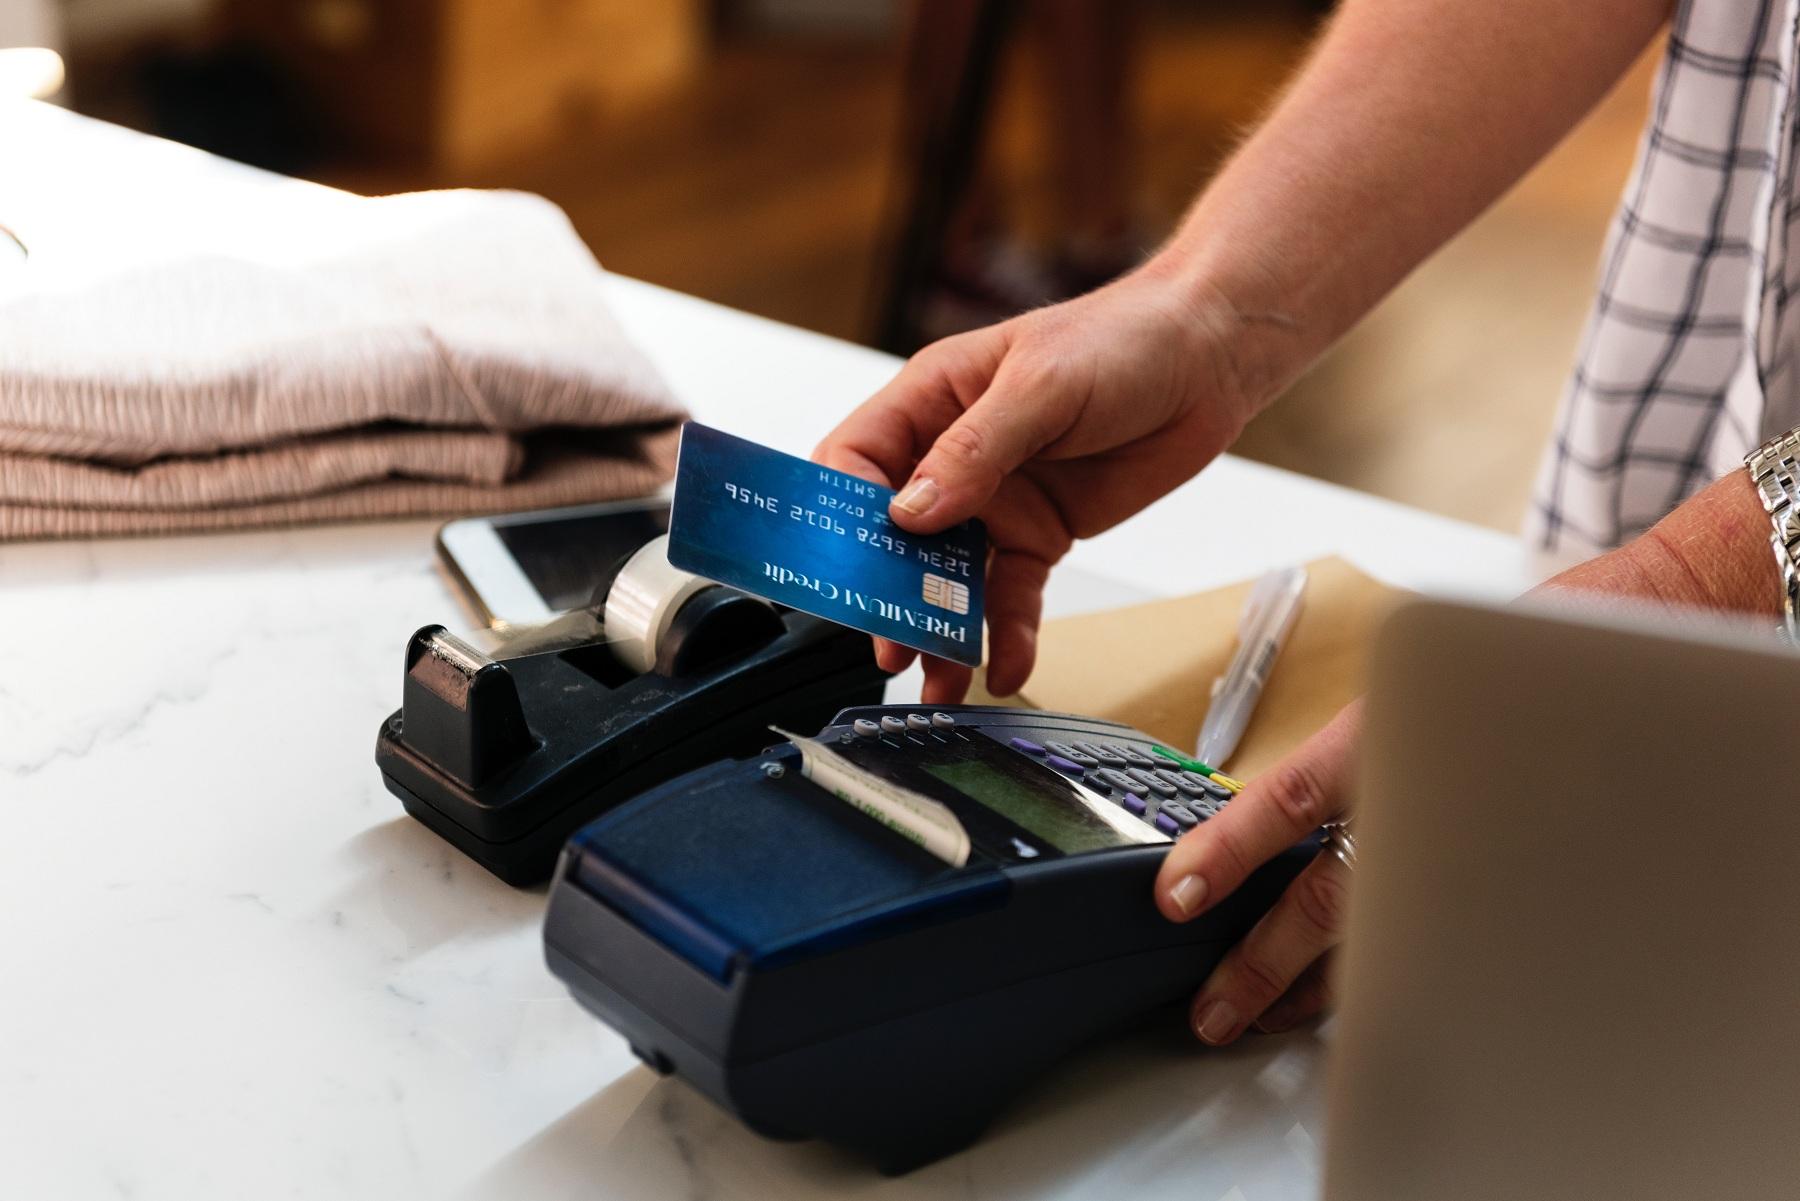 НБУ обрахував показники ринку платіжних карток